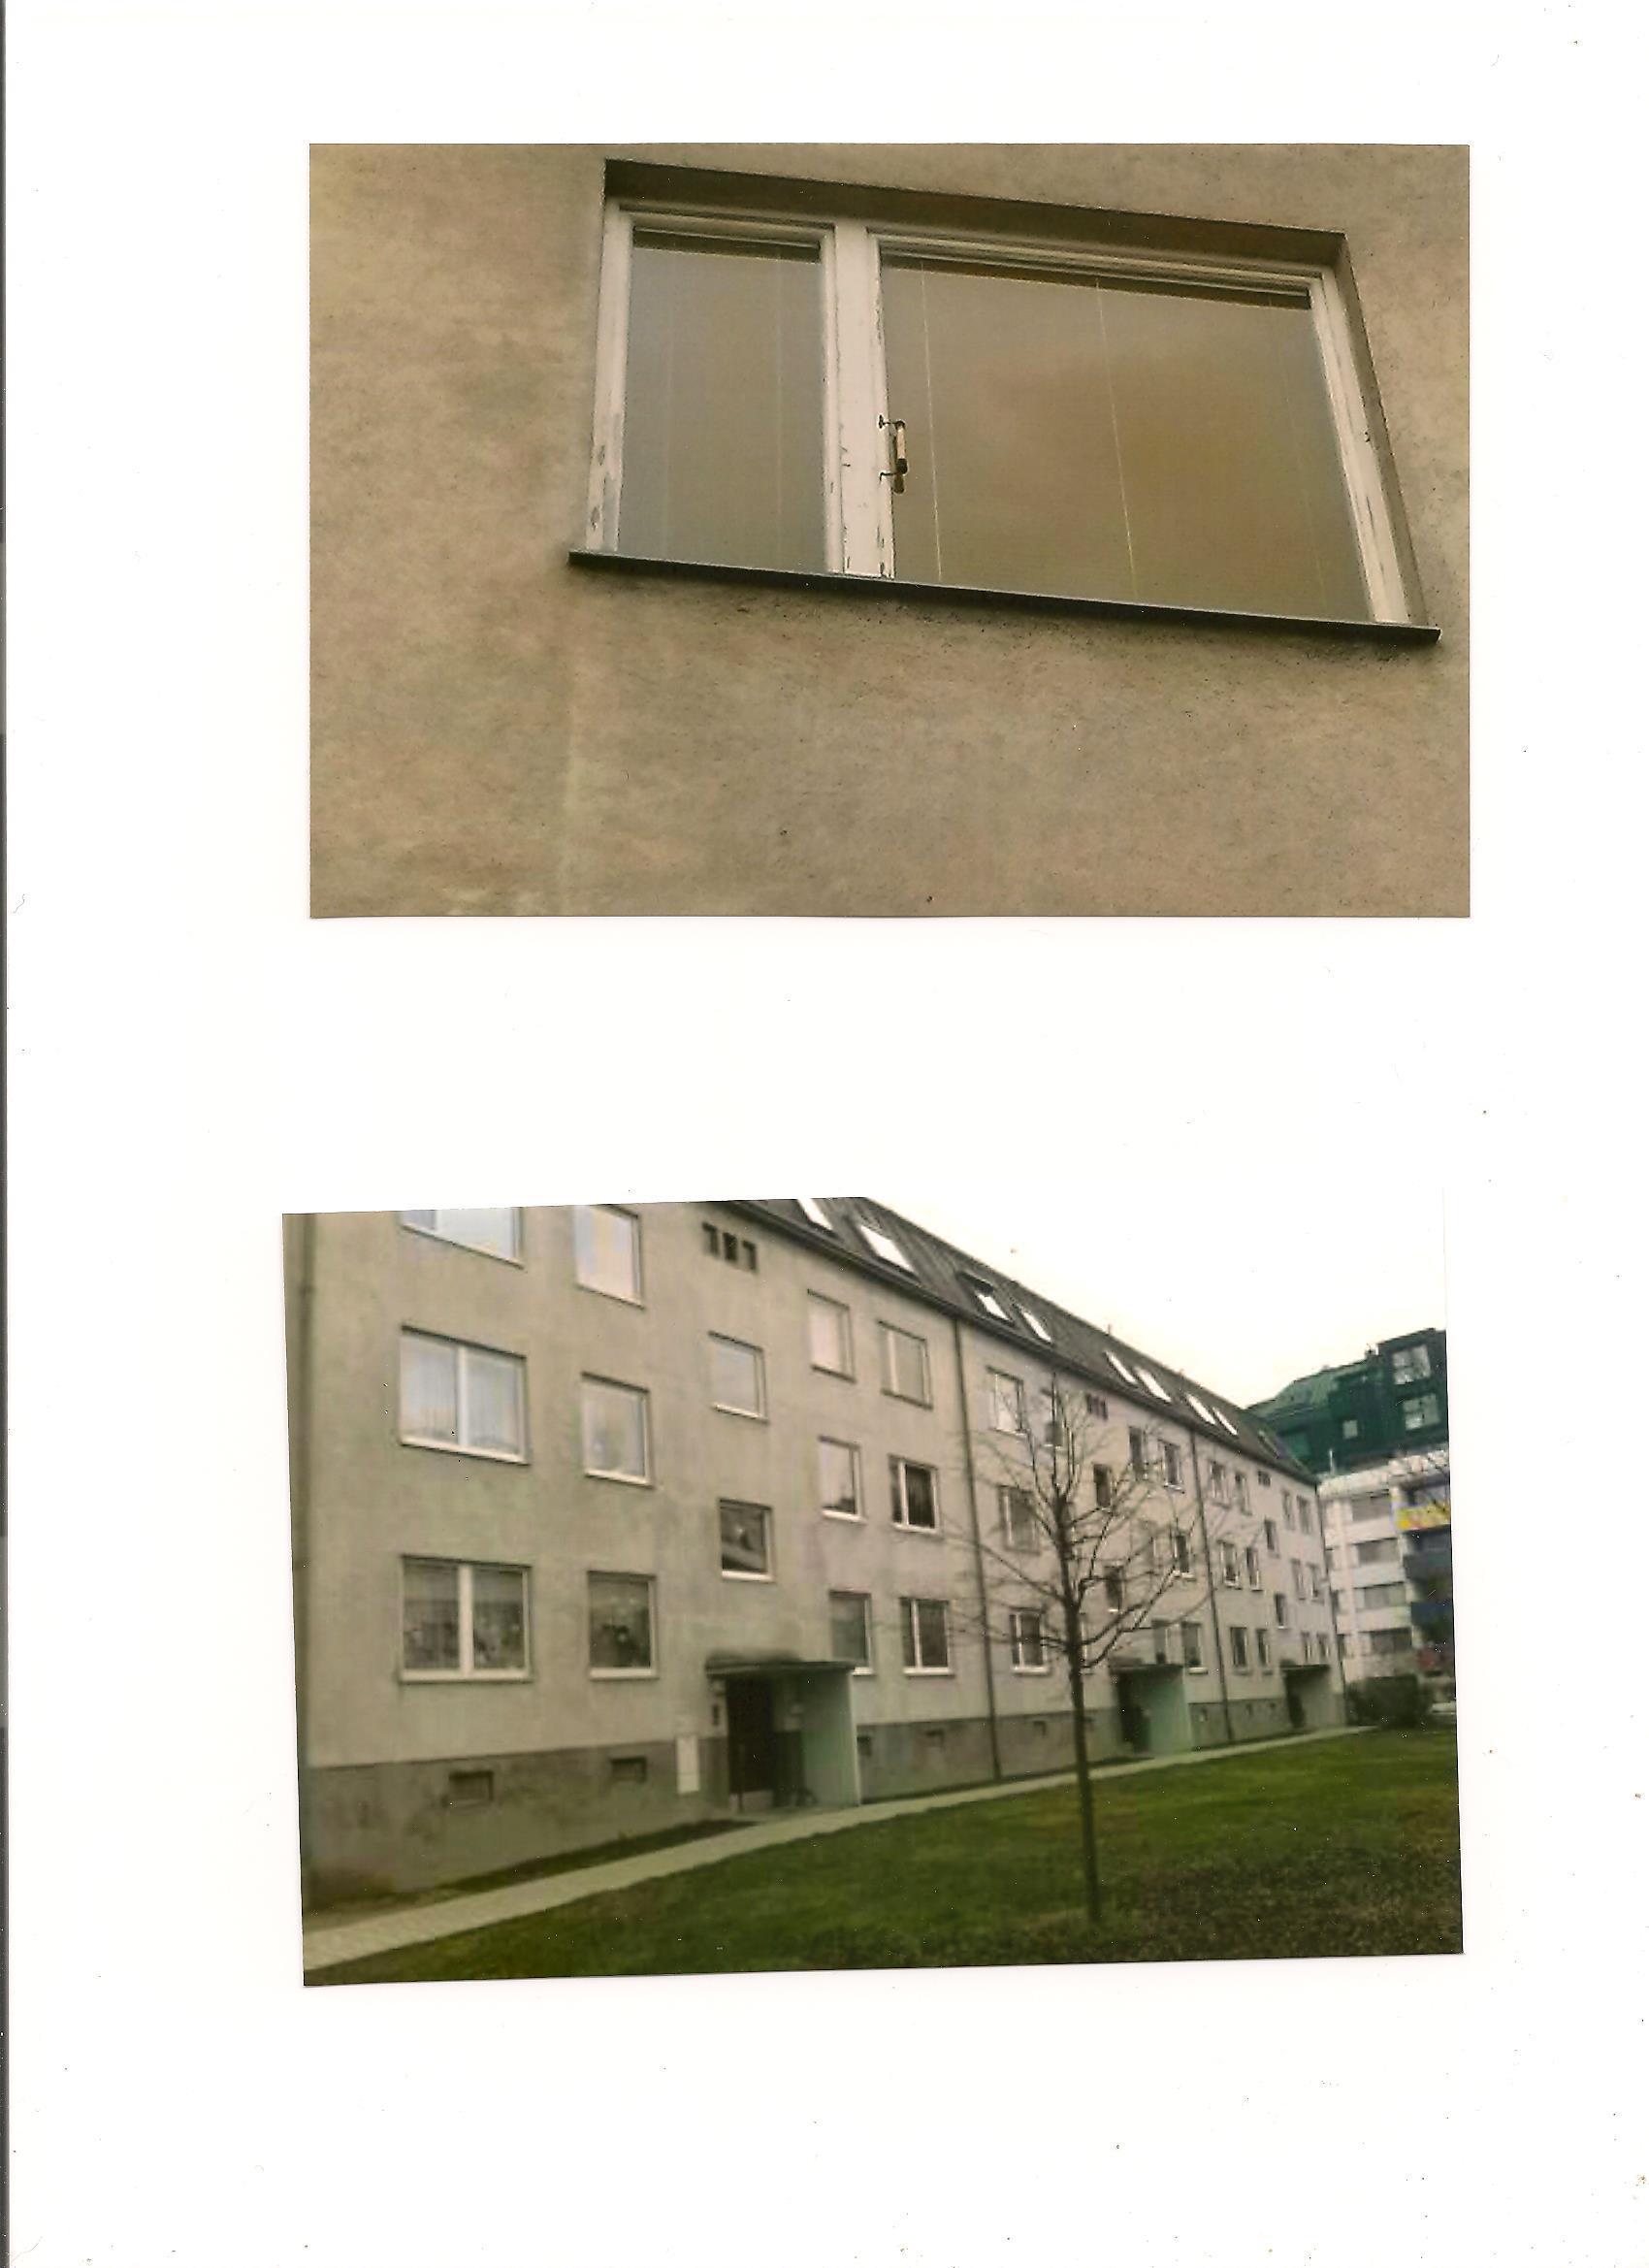 3 Zimmer Wohnung in Kaiserebersdorferstraße - 3.5 ZI ...